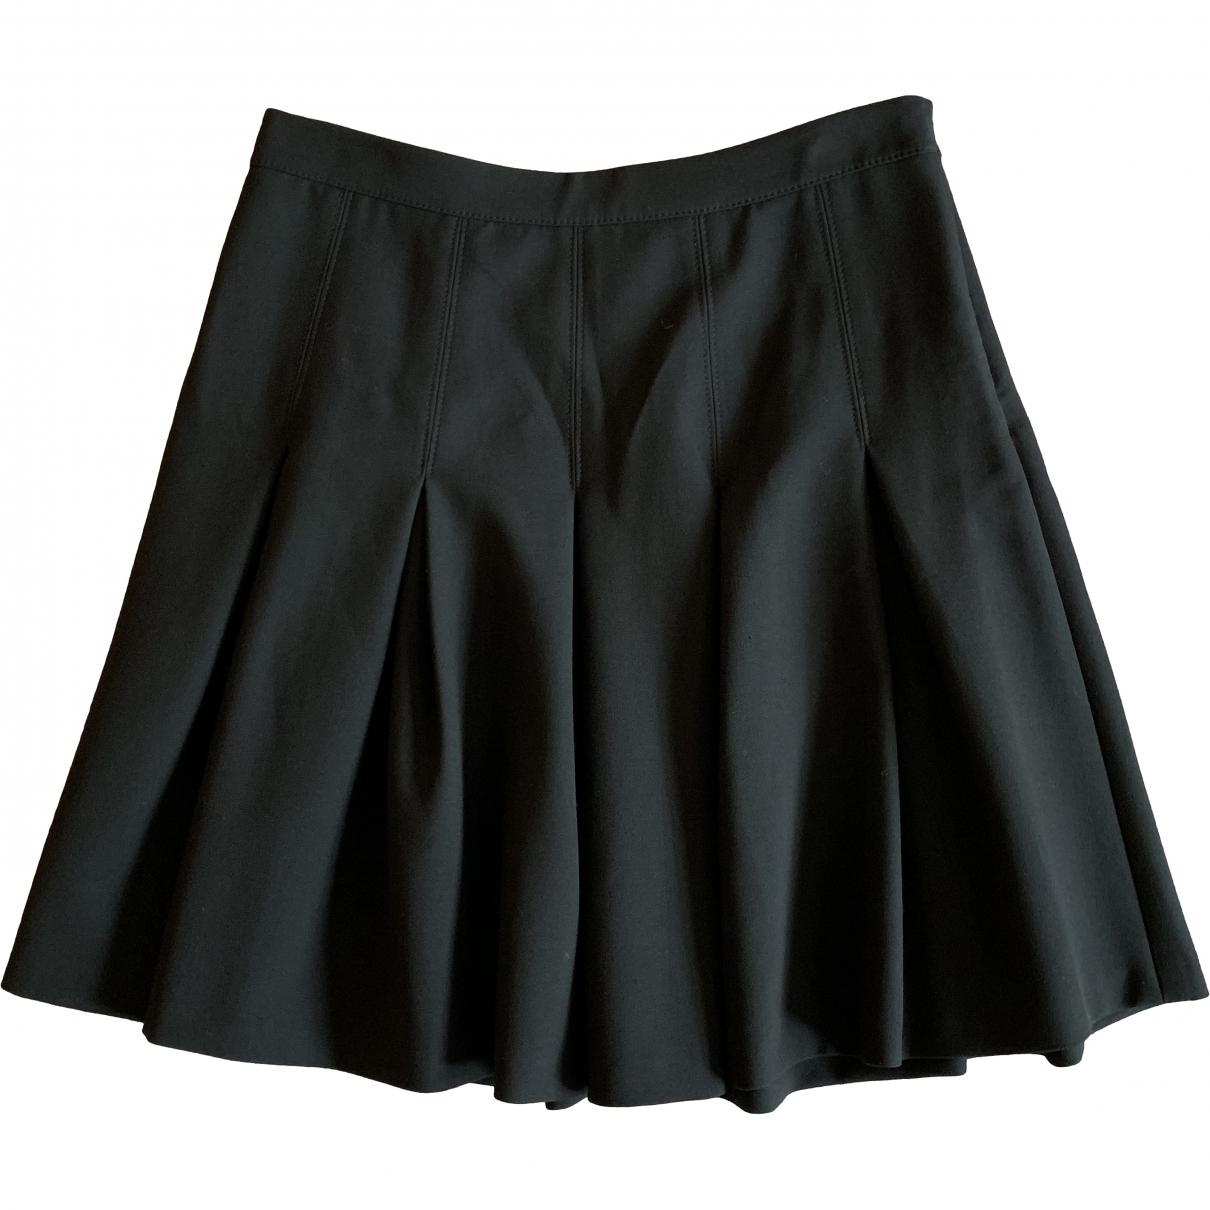 Diane Von Furstenberg \N Black Wool skirt for Women S International